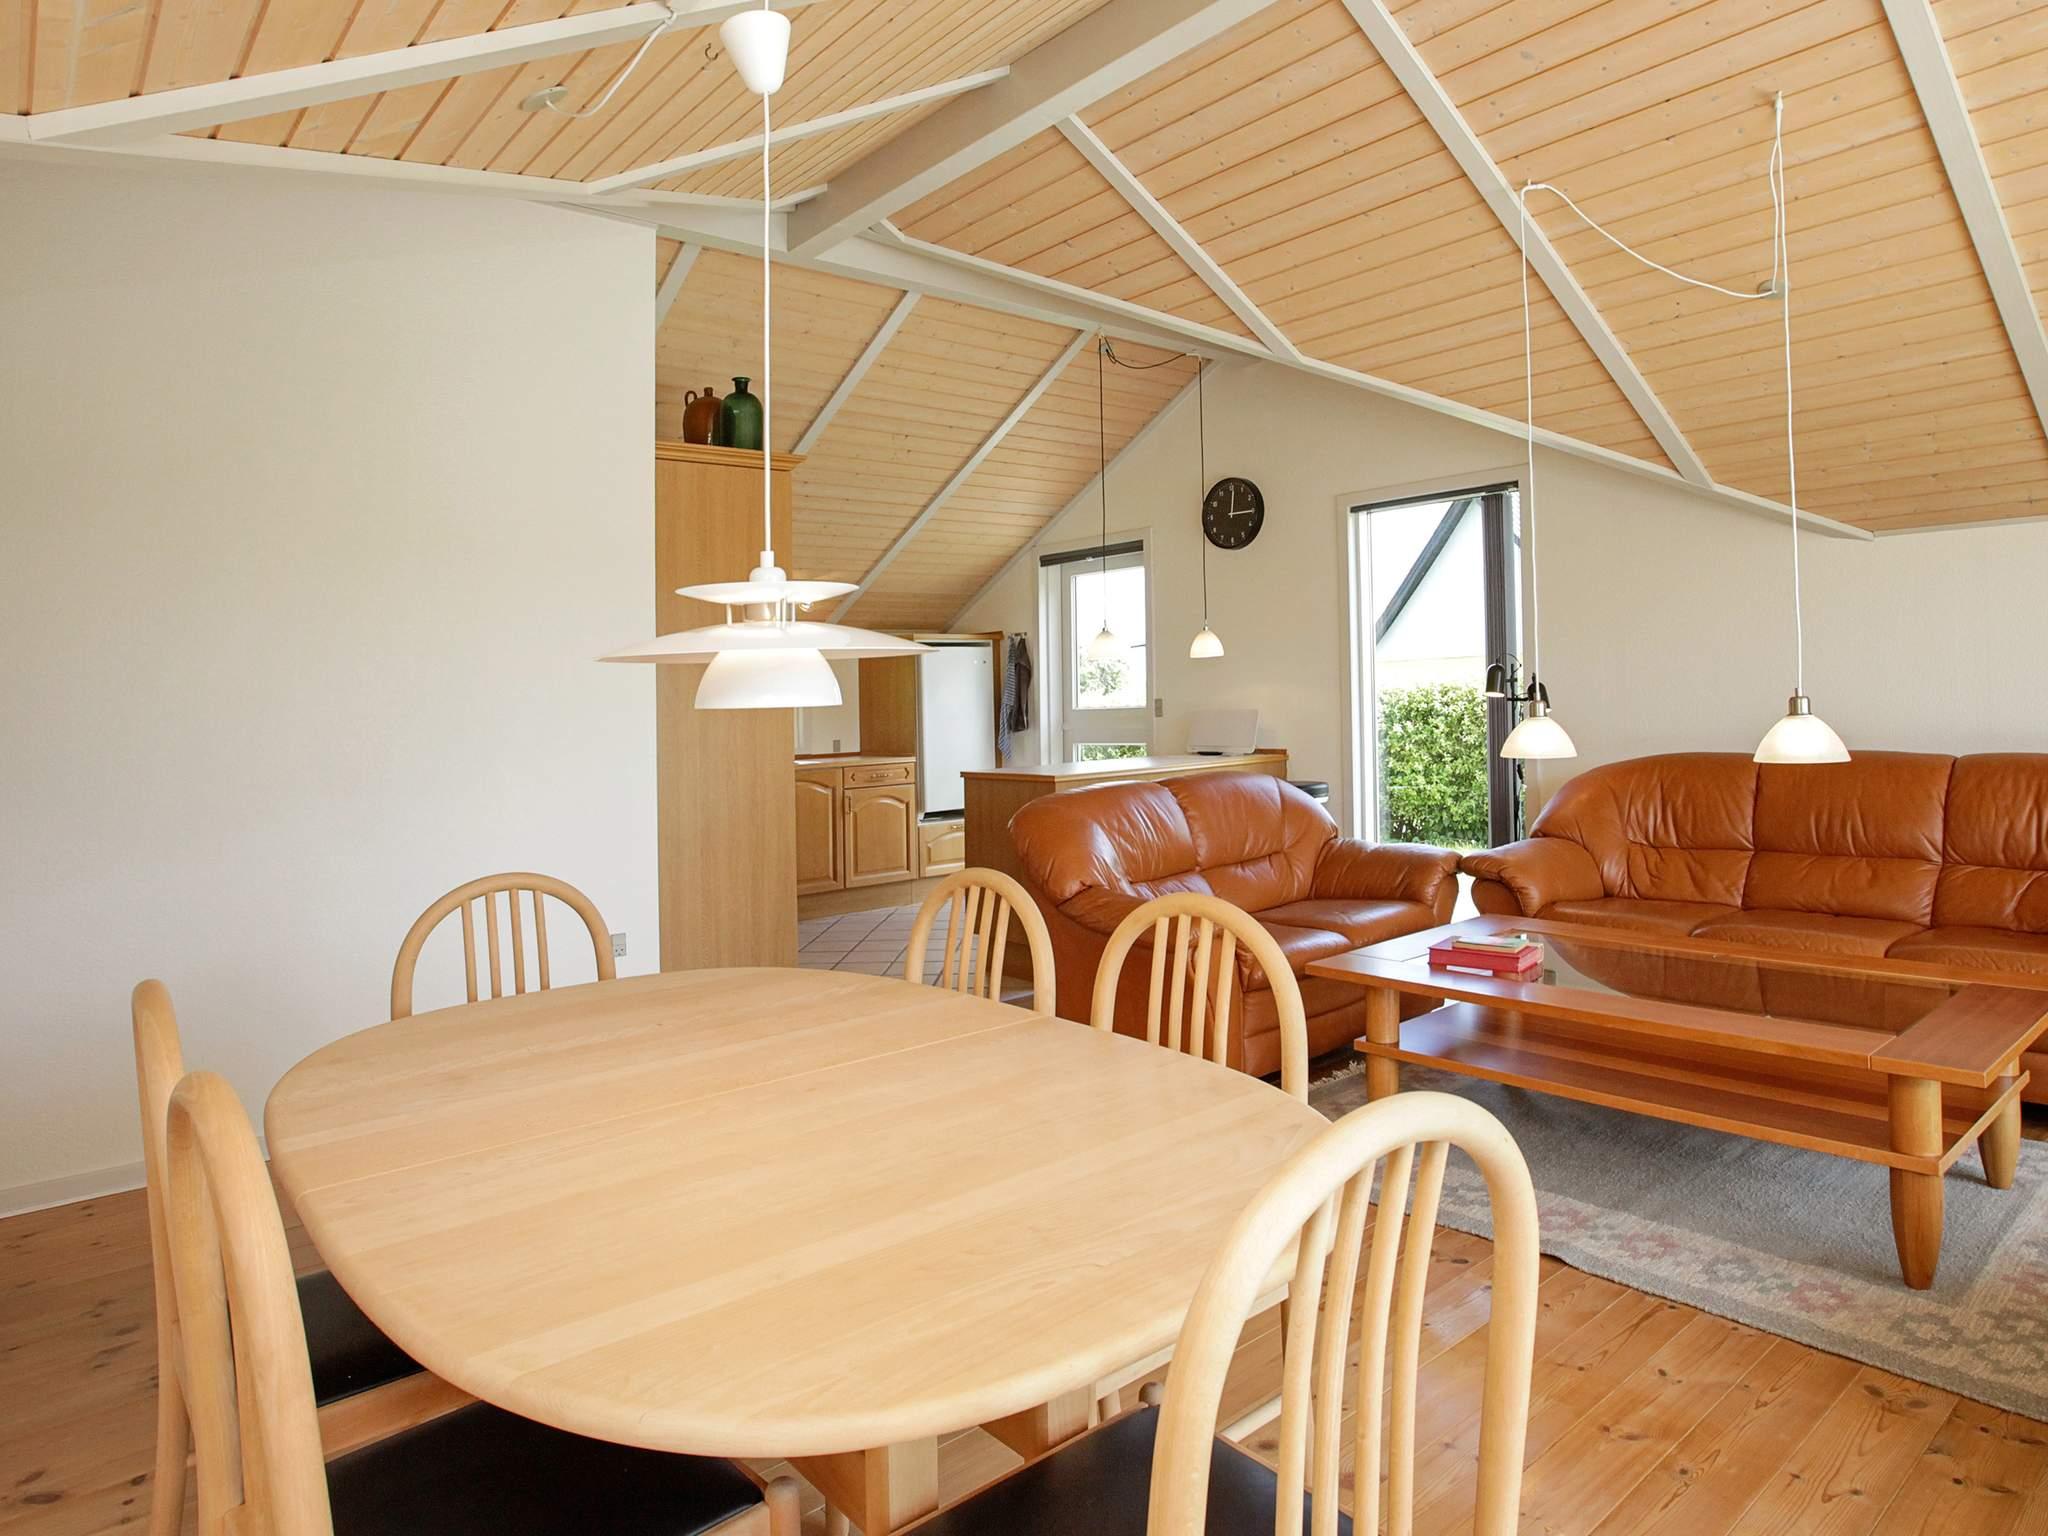 Ferienhaus Livbjerggård (2061541), Vinderup, , Westjütland, Dänemark, Bild 6